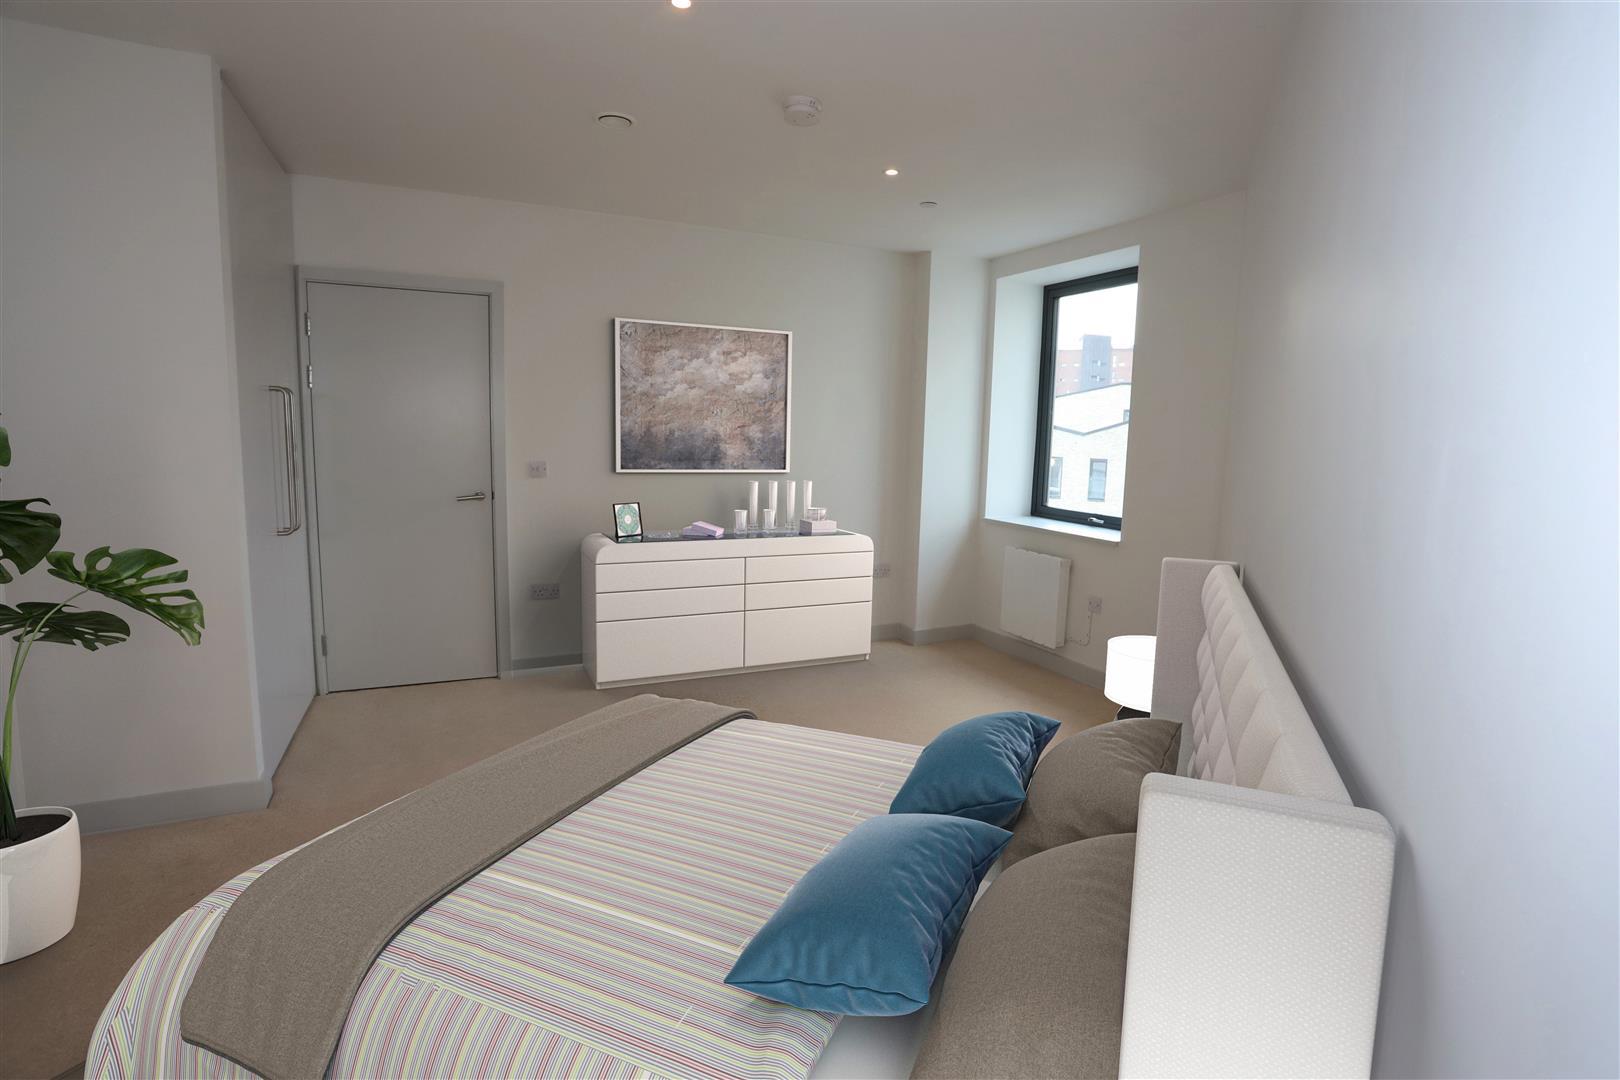 Furnished bedroom 1.jpg